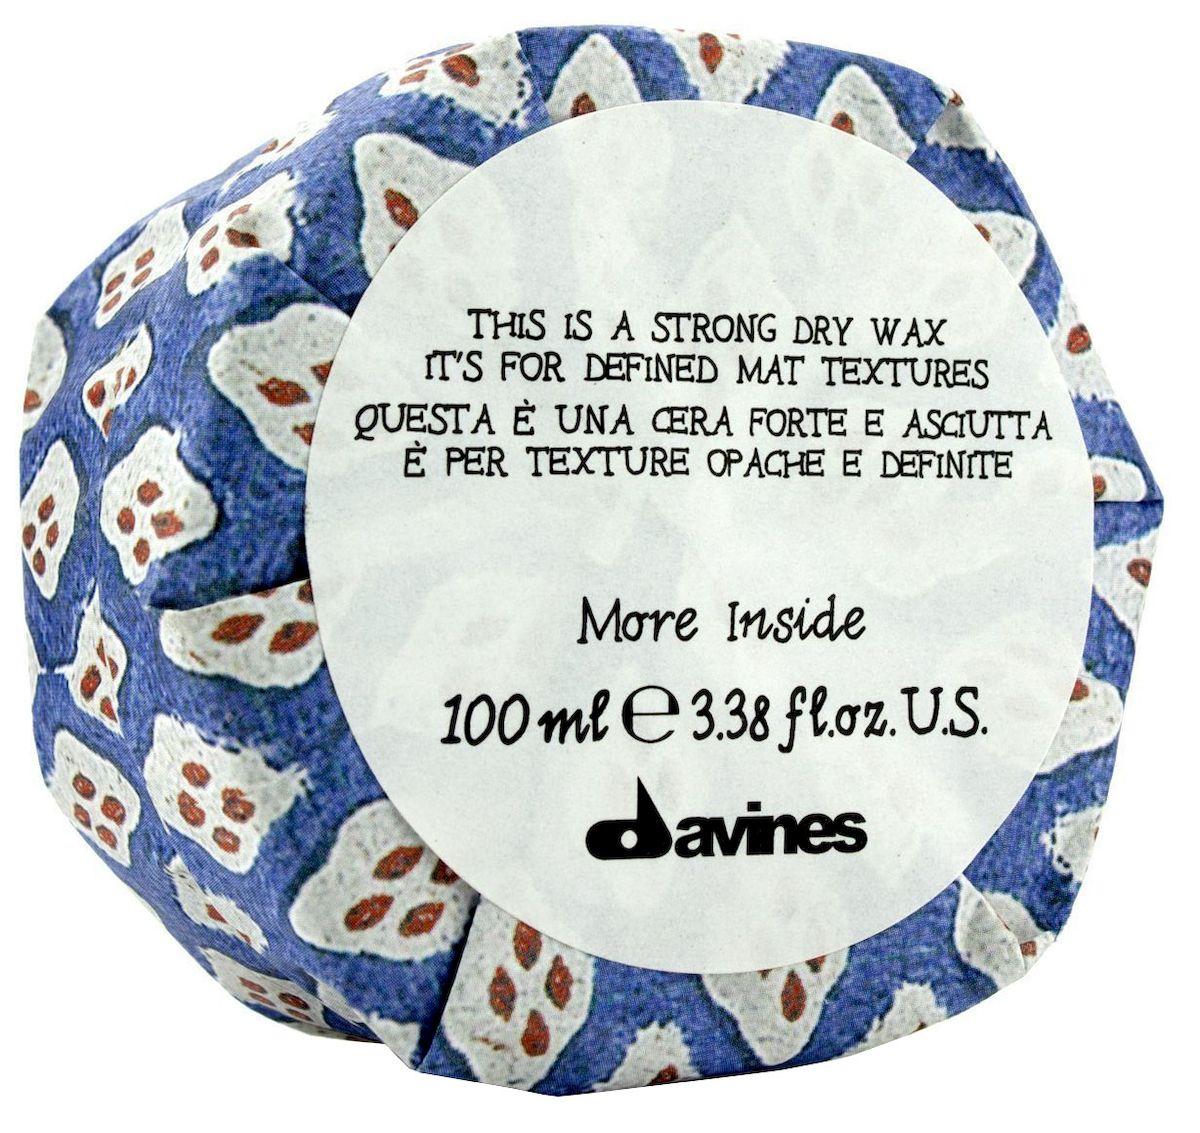 Davines Сухой воск для текстурных матовых акцентов More Inside Strong Dry Wax, 100 мл увлажняющий мусс davines more inside авторские продукты для стайлинга 250 мл